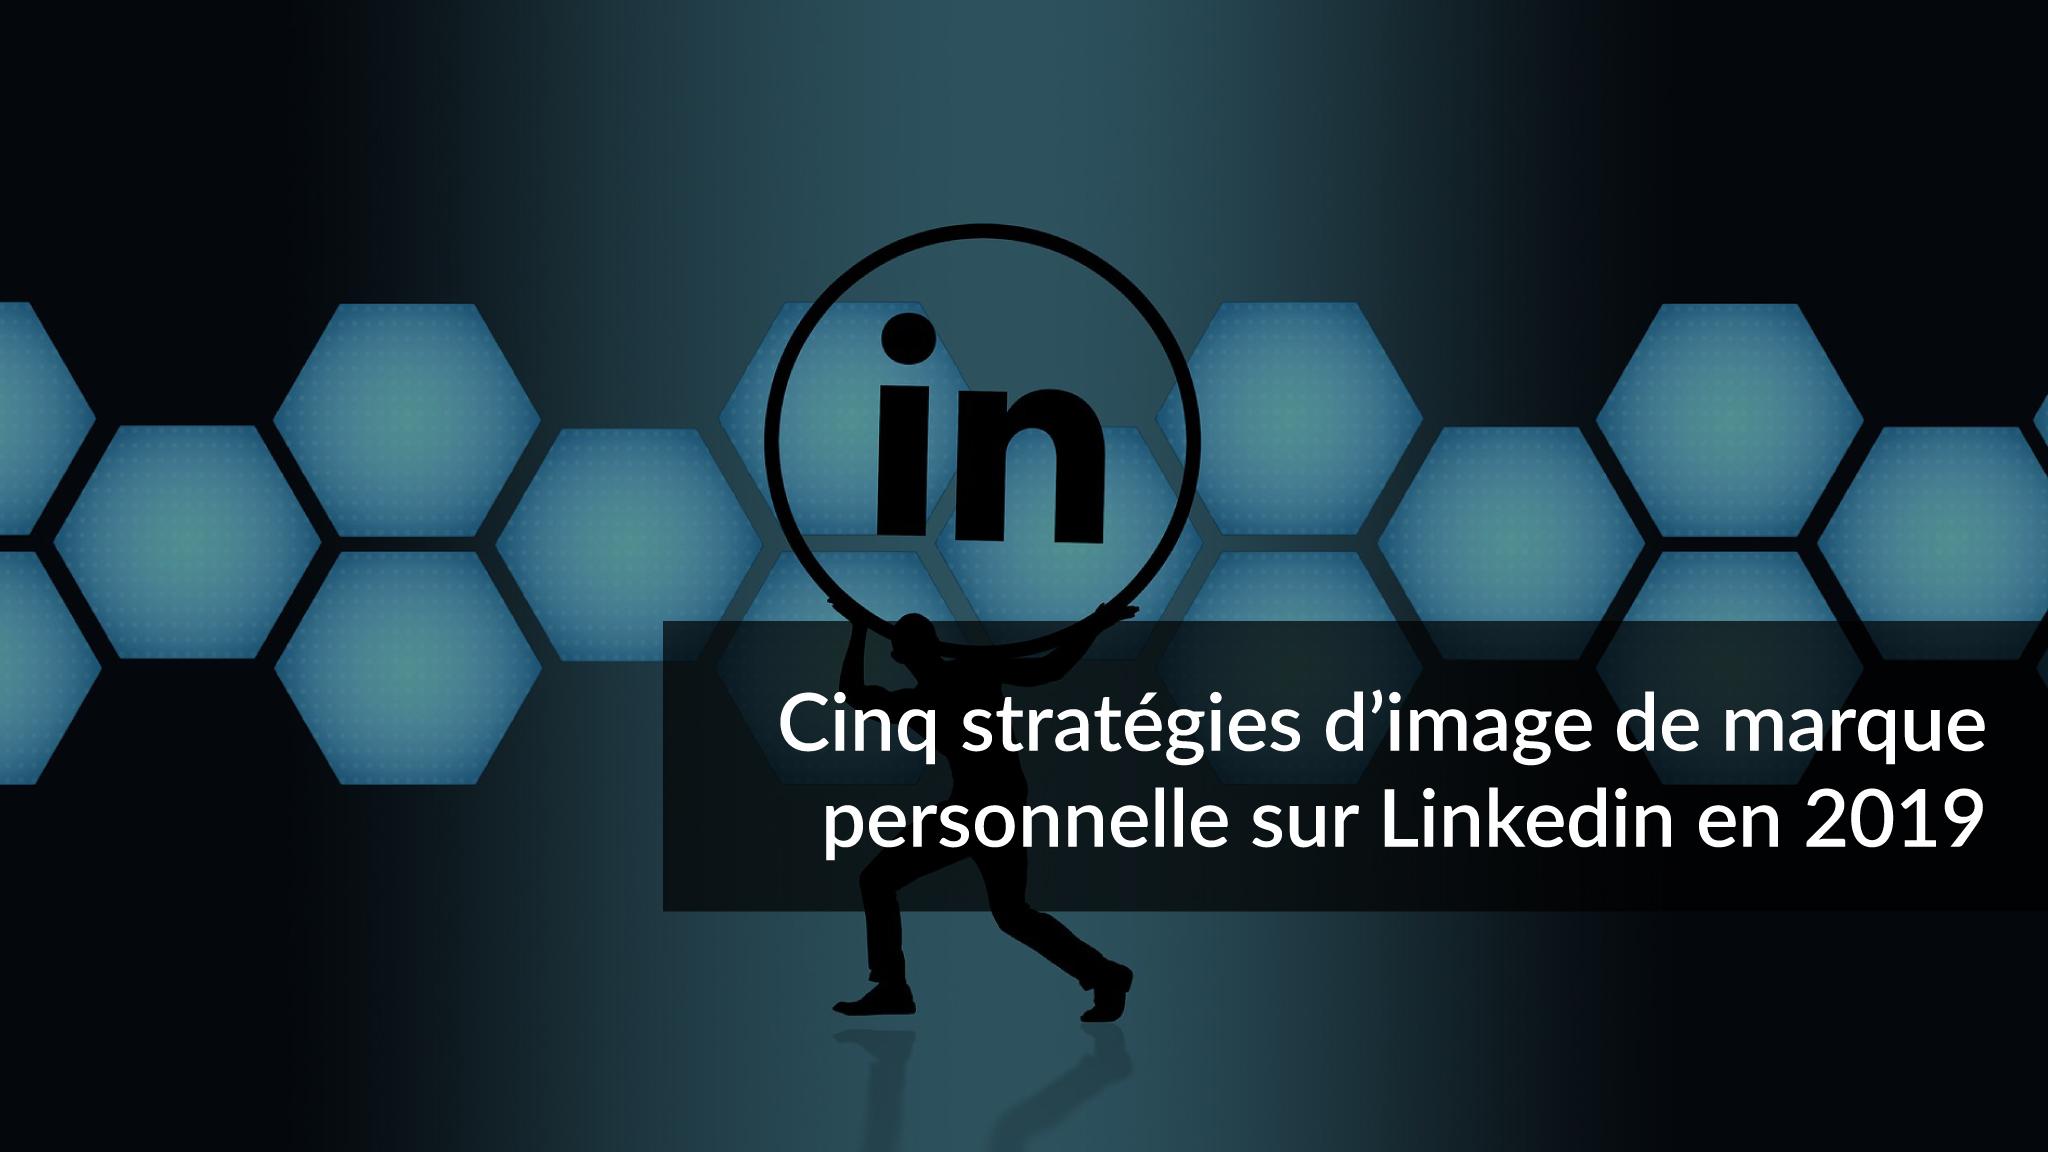 Cinq stratégies d'image de marque personnelle sur Linkedin en 2019-